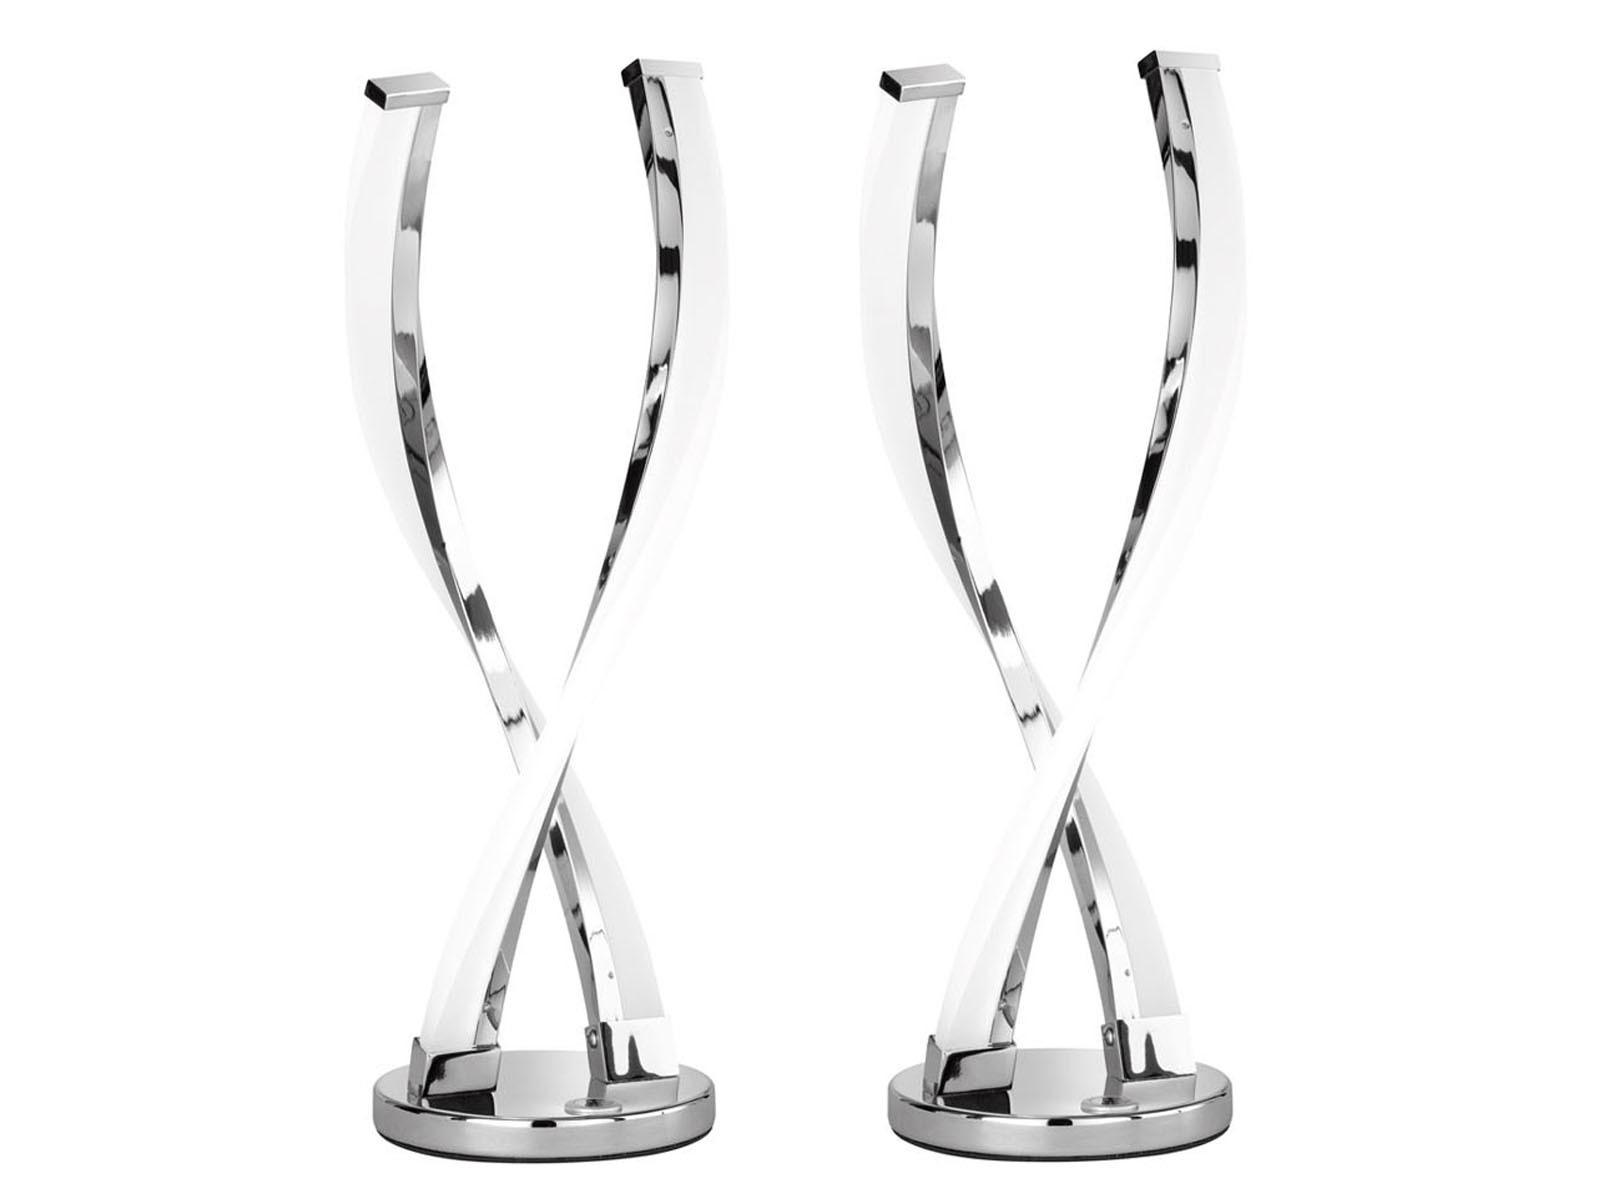 2er Set LED Tischleuchte Tischleuchte Tischleuchte IDANA, Chrom, Touchdimmer, Tischlampe LED Tischlampe  | Deutschland Frankfurt  9fcda9